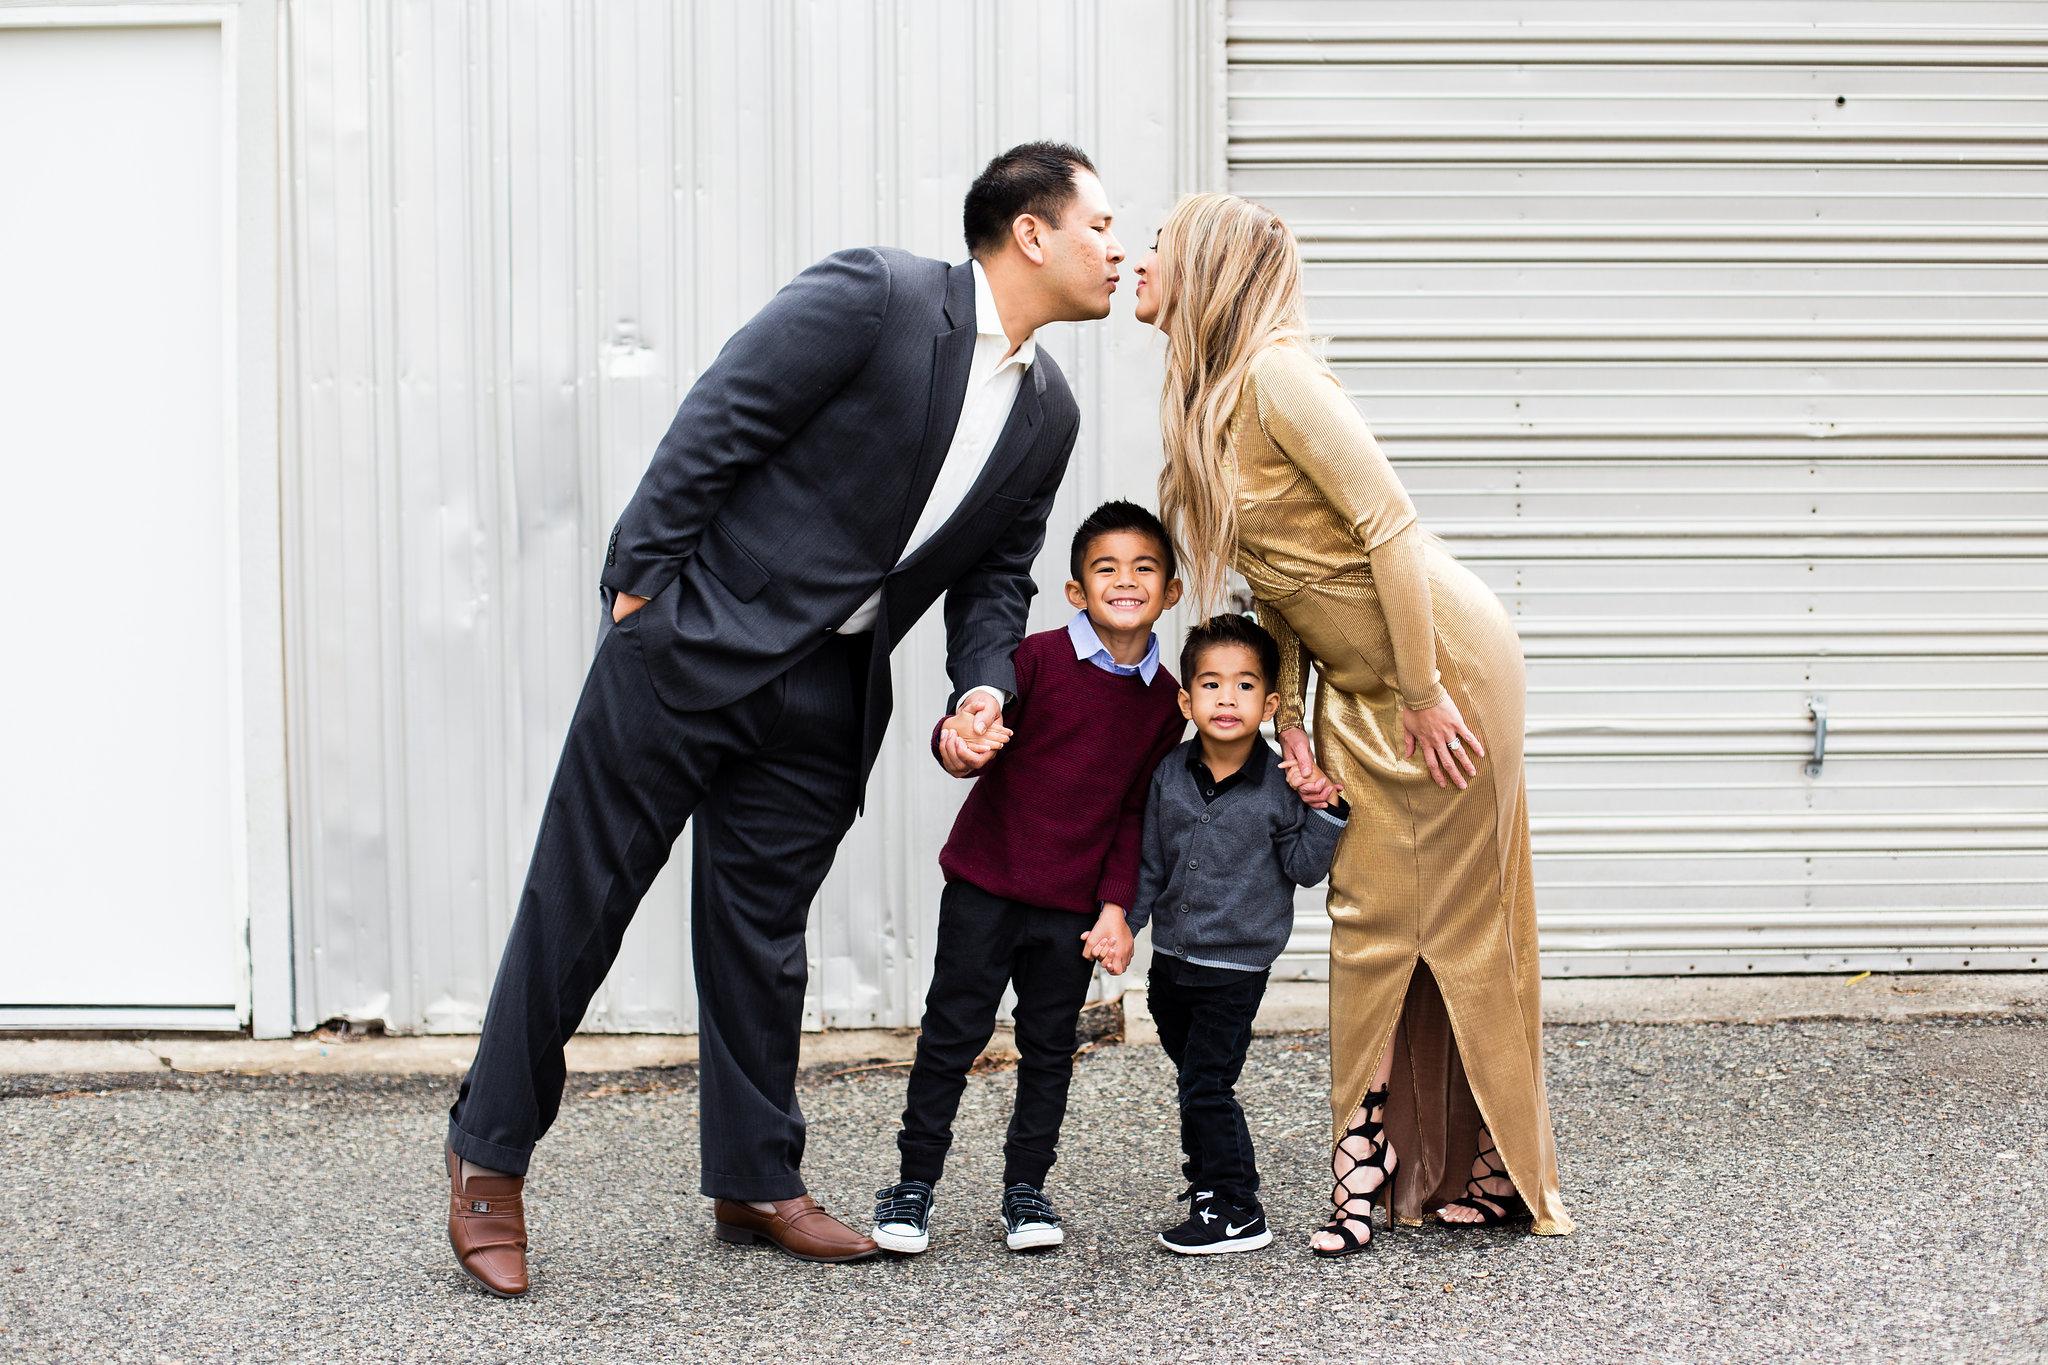 Familyphotos2016-35.jpg